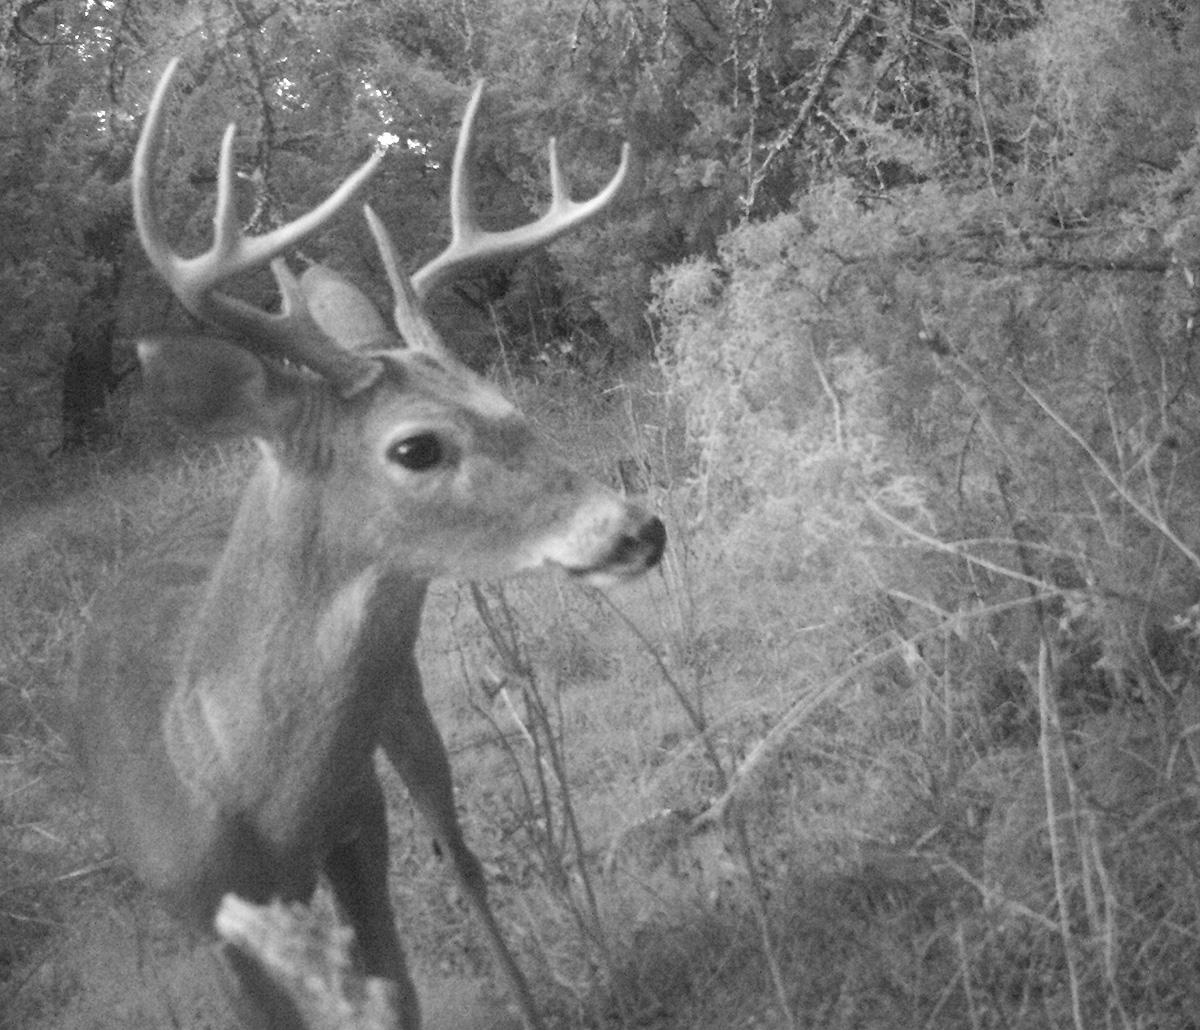 Deer Scouting Pictures Robert Hoague I 00211